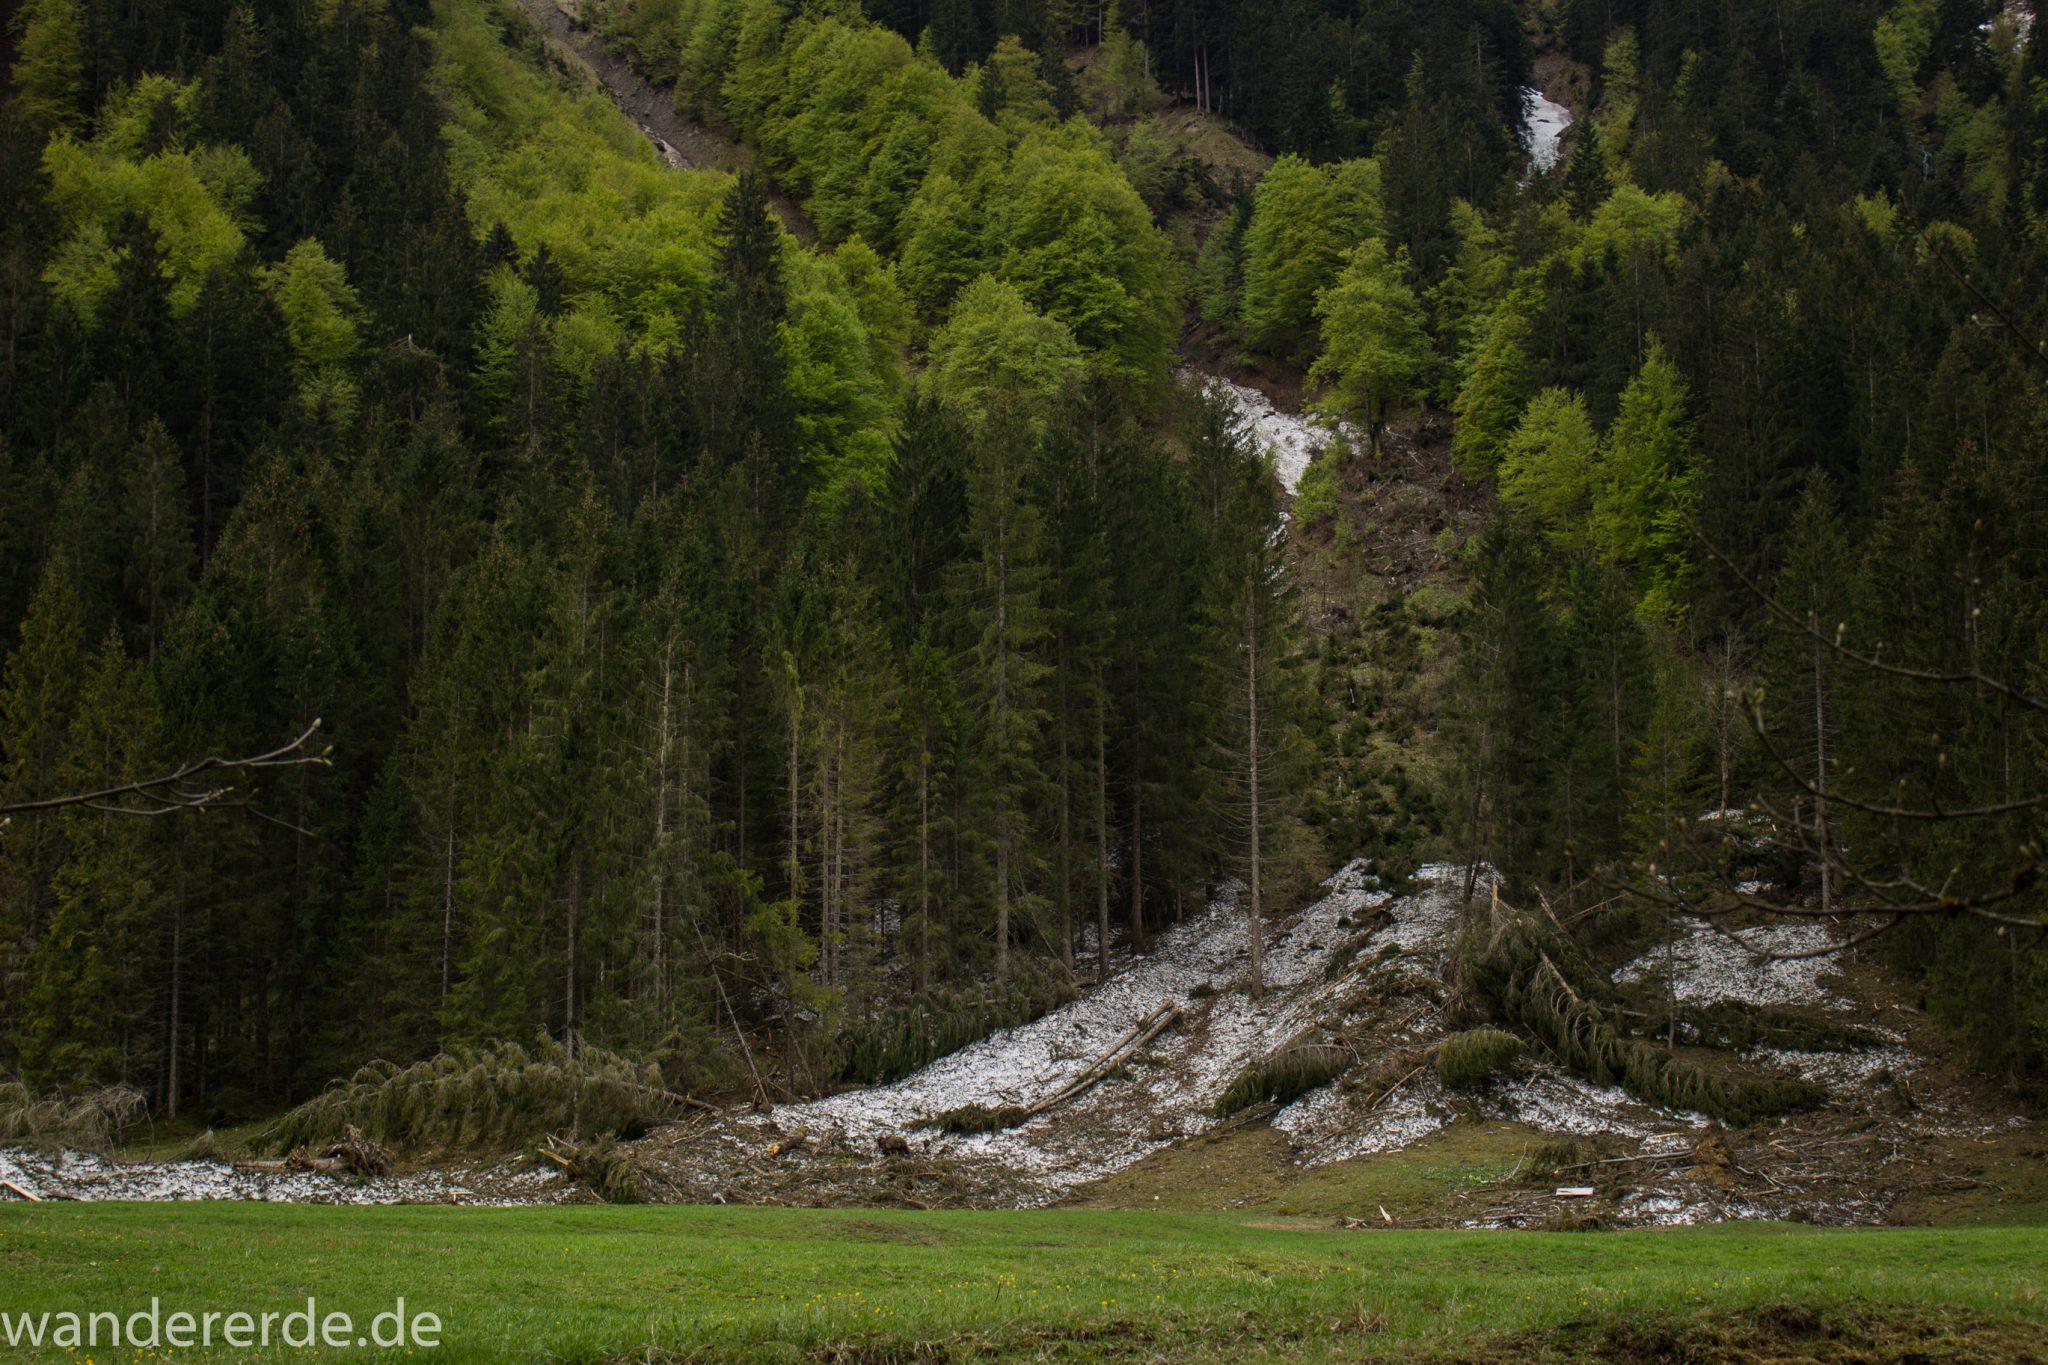 Wanderung im Oytal bei Oberstdorf im Allgäu, Bayern, schöner dichter und grüner Wald im Oytal, Wanderweg umgeben von Bergen, sehr schöne Atmosphäre, saftige Wiesen und Bäume